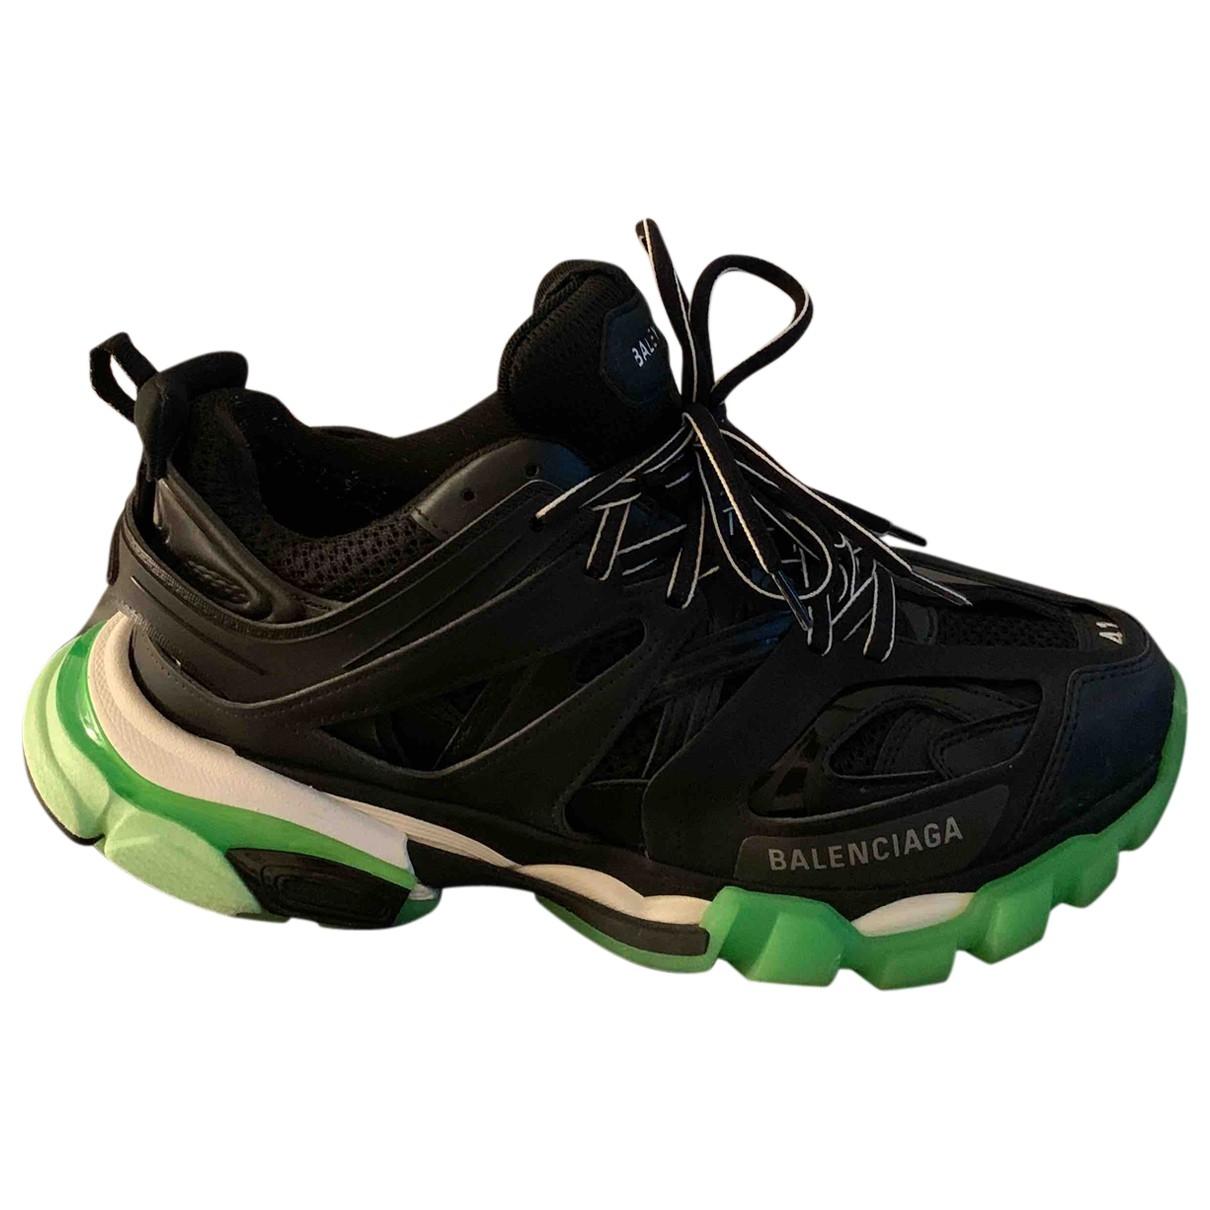 Balenciaga - Baskets Track pour homme en caoutchouc - noir